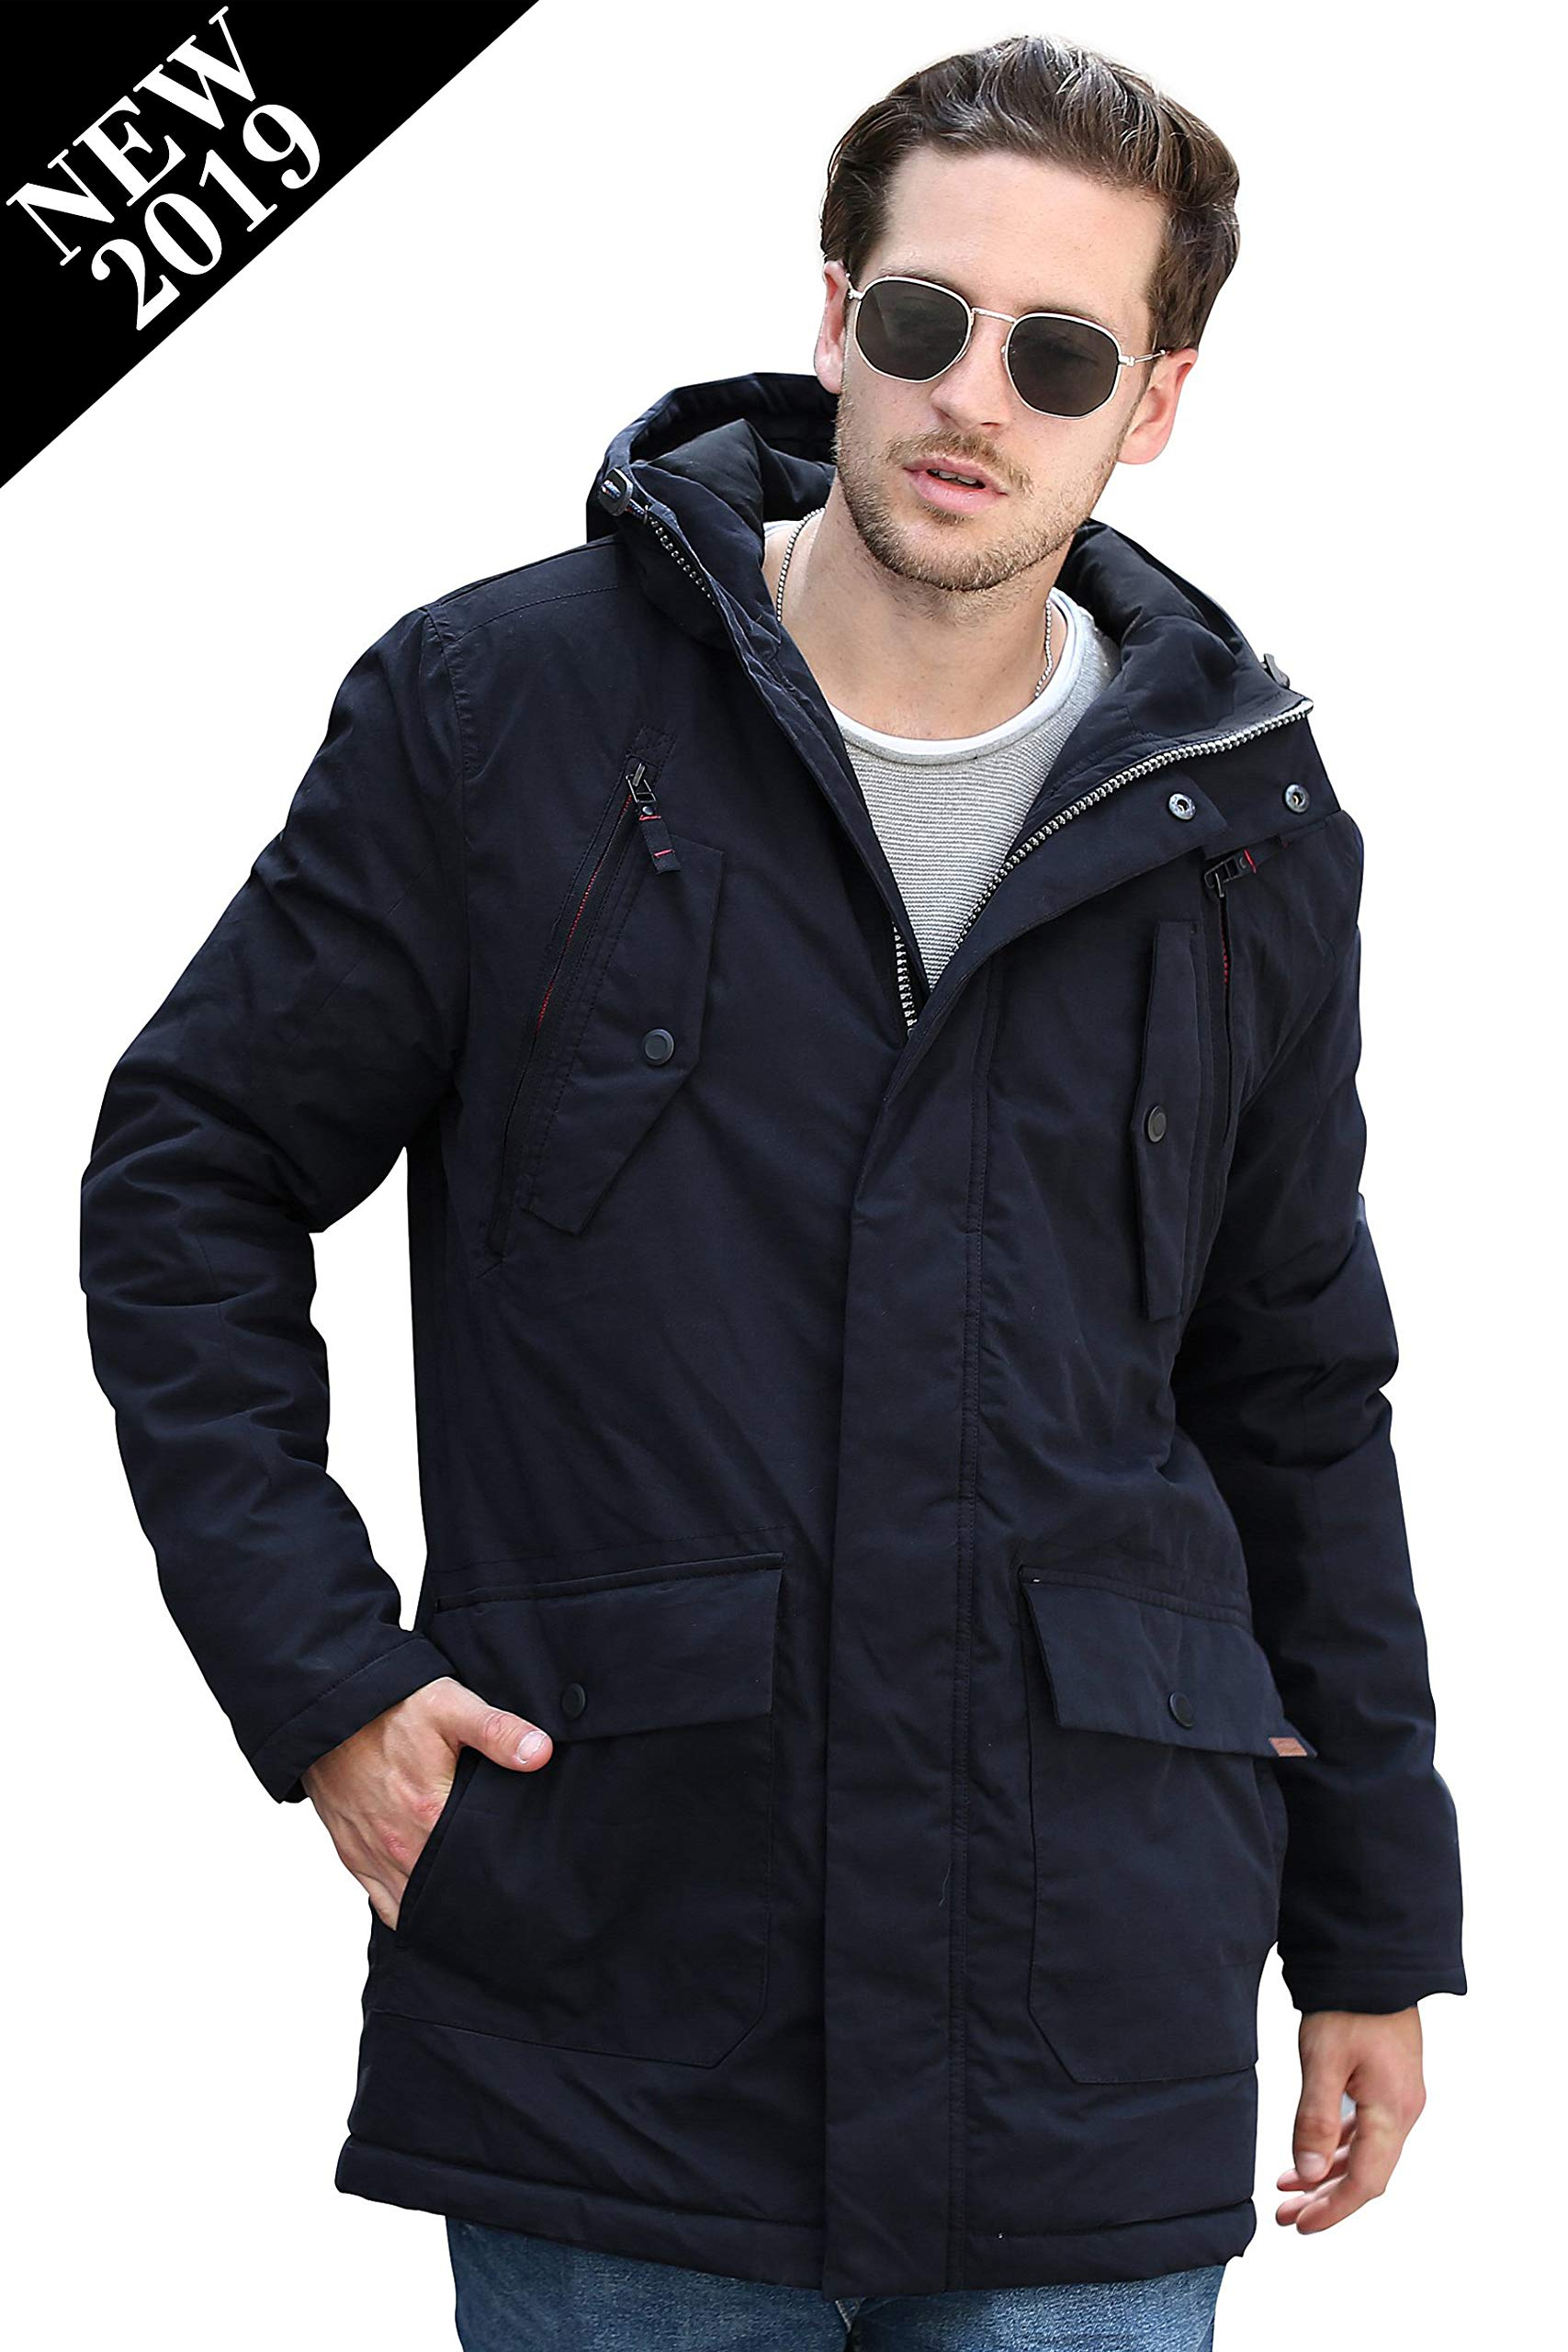 YsCube 2019 Men Parka, Warm Insulated Parka, Men Winter Jacket, Waterproof Down Parka Coat